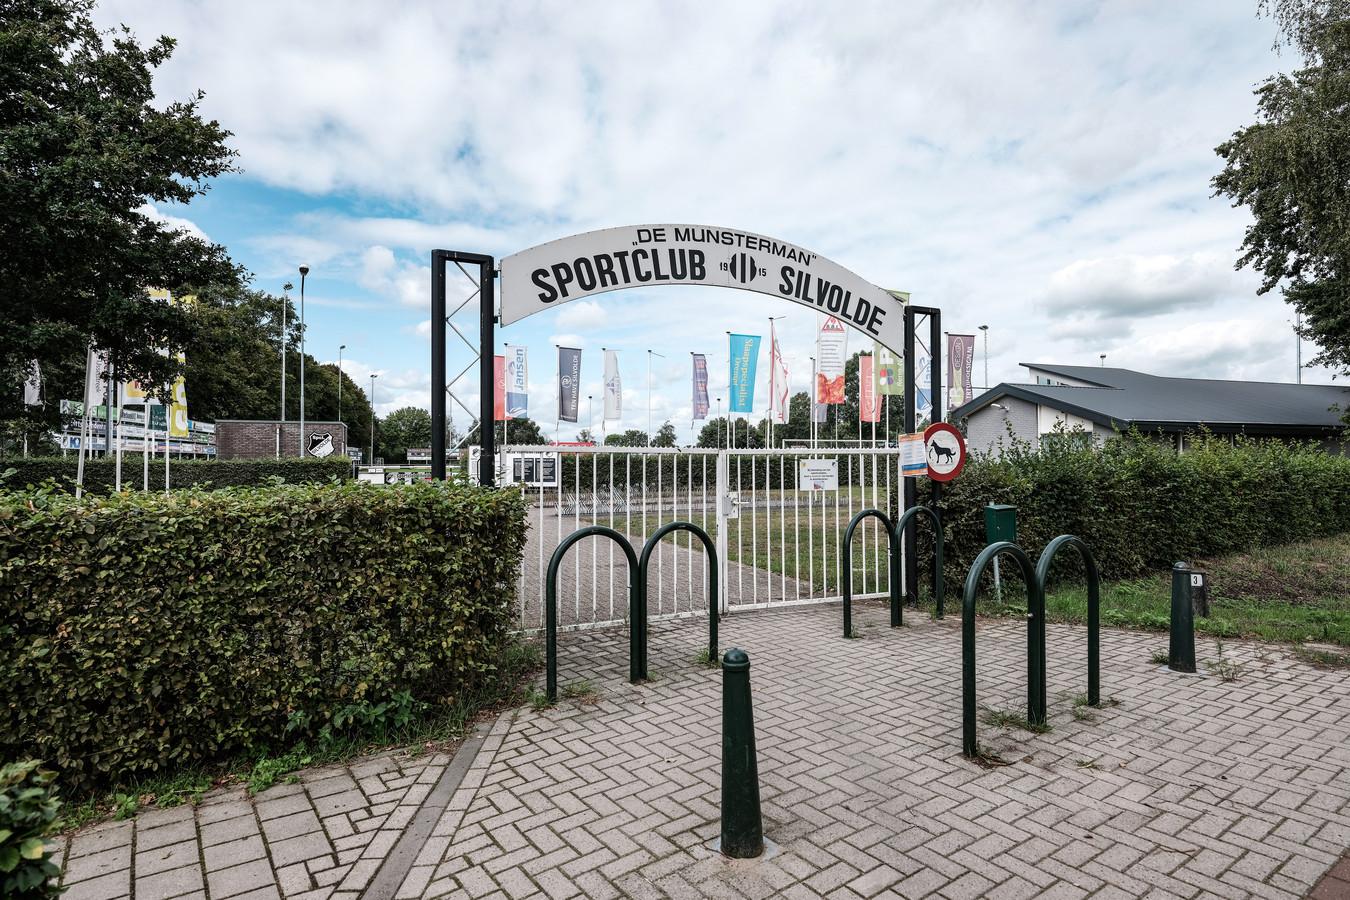 Het bestuur van SC Silvolde acht het aannemelijk dat niemand op het afscheidsfeest besmet is geraakt met corona.